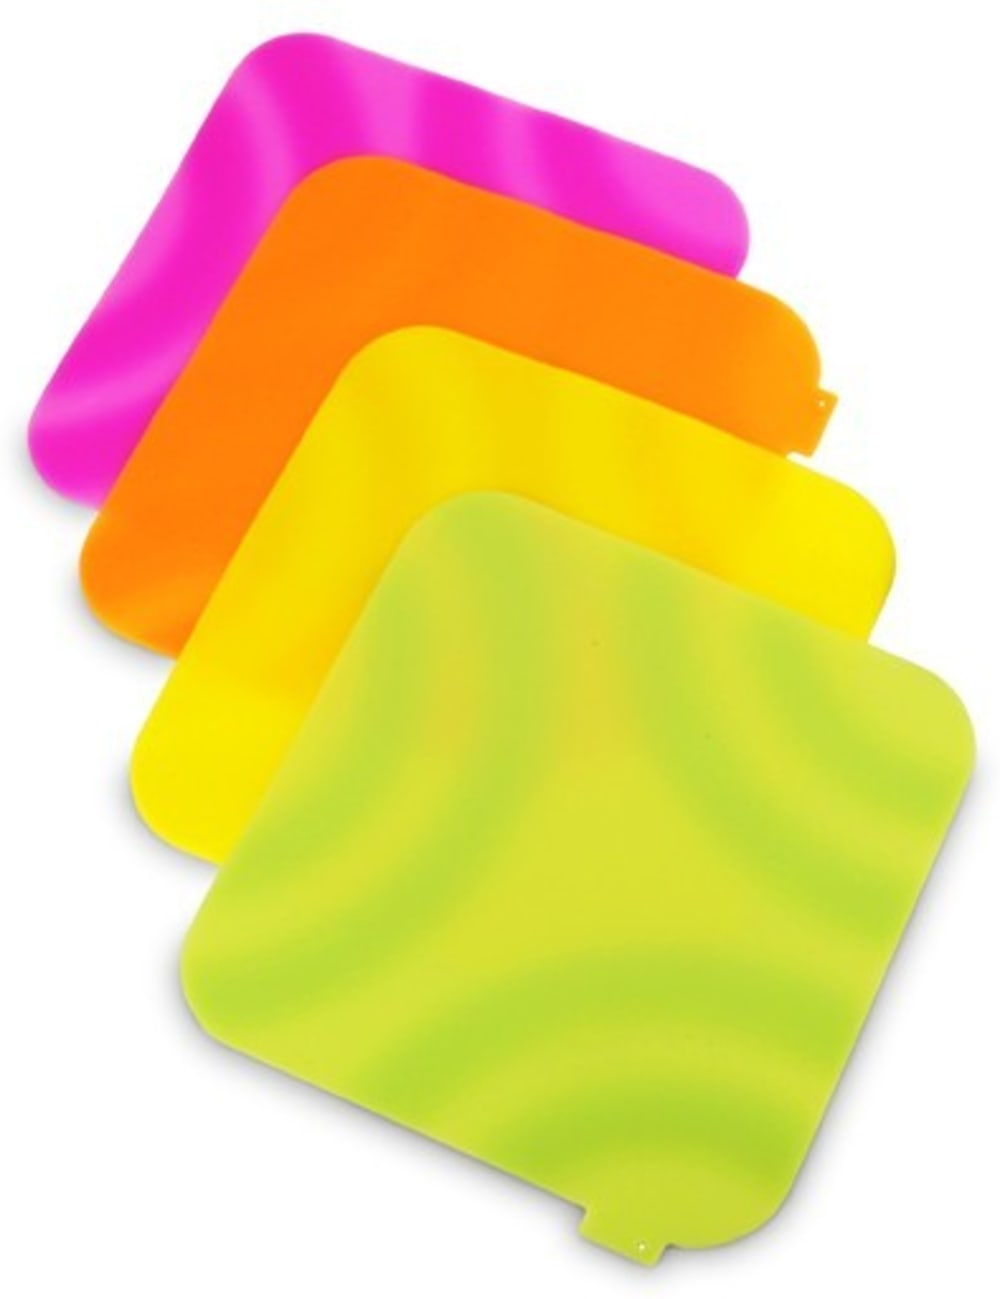 Podkładka silikonowa pod naczynia Livio zielona Vialli Design